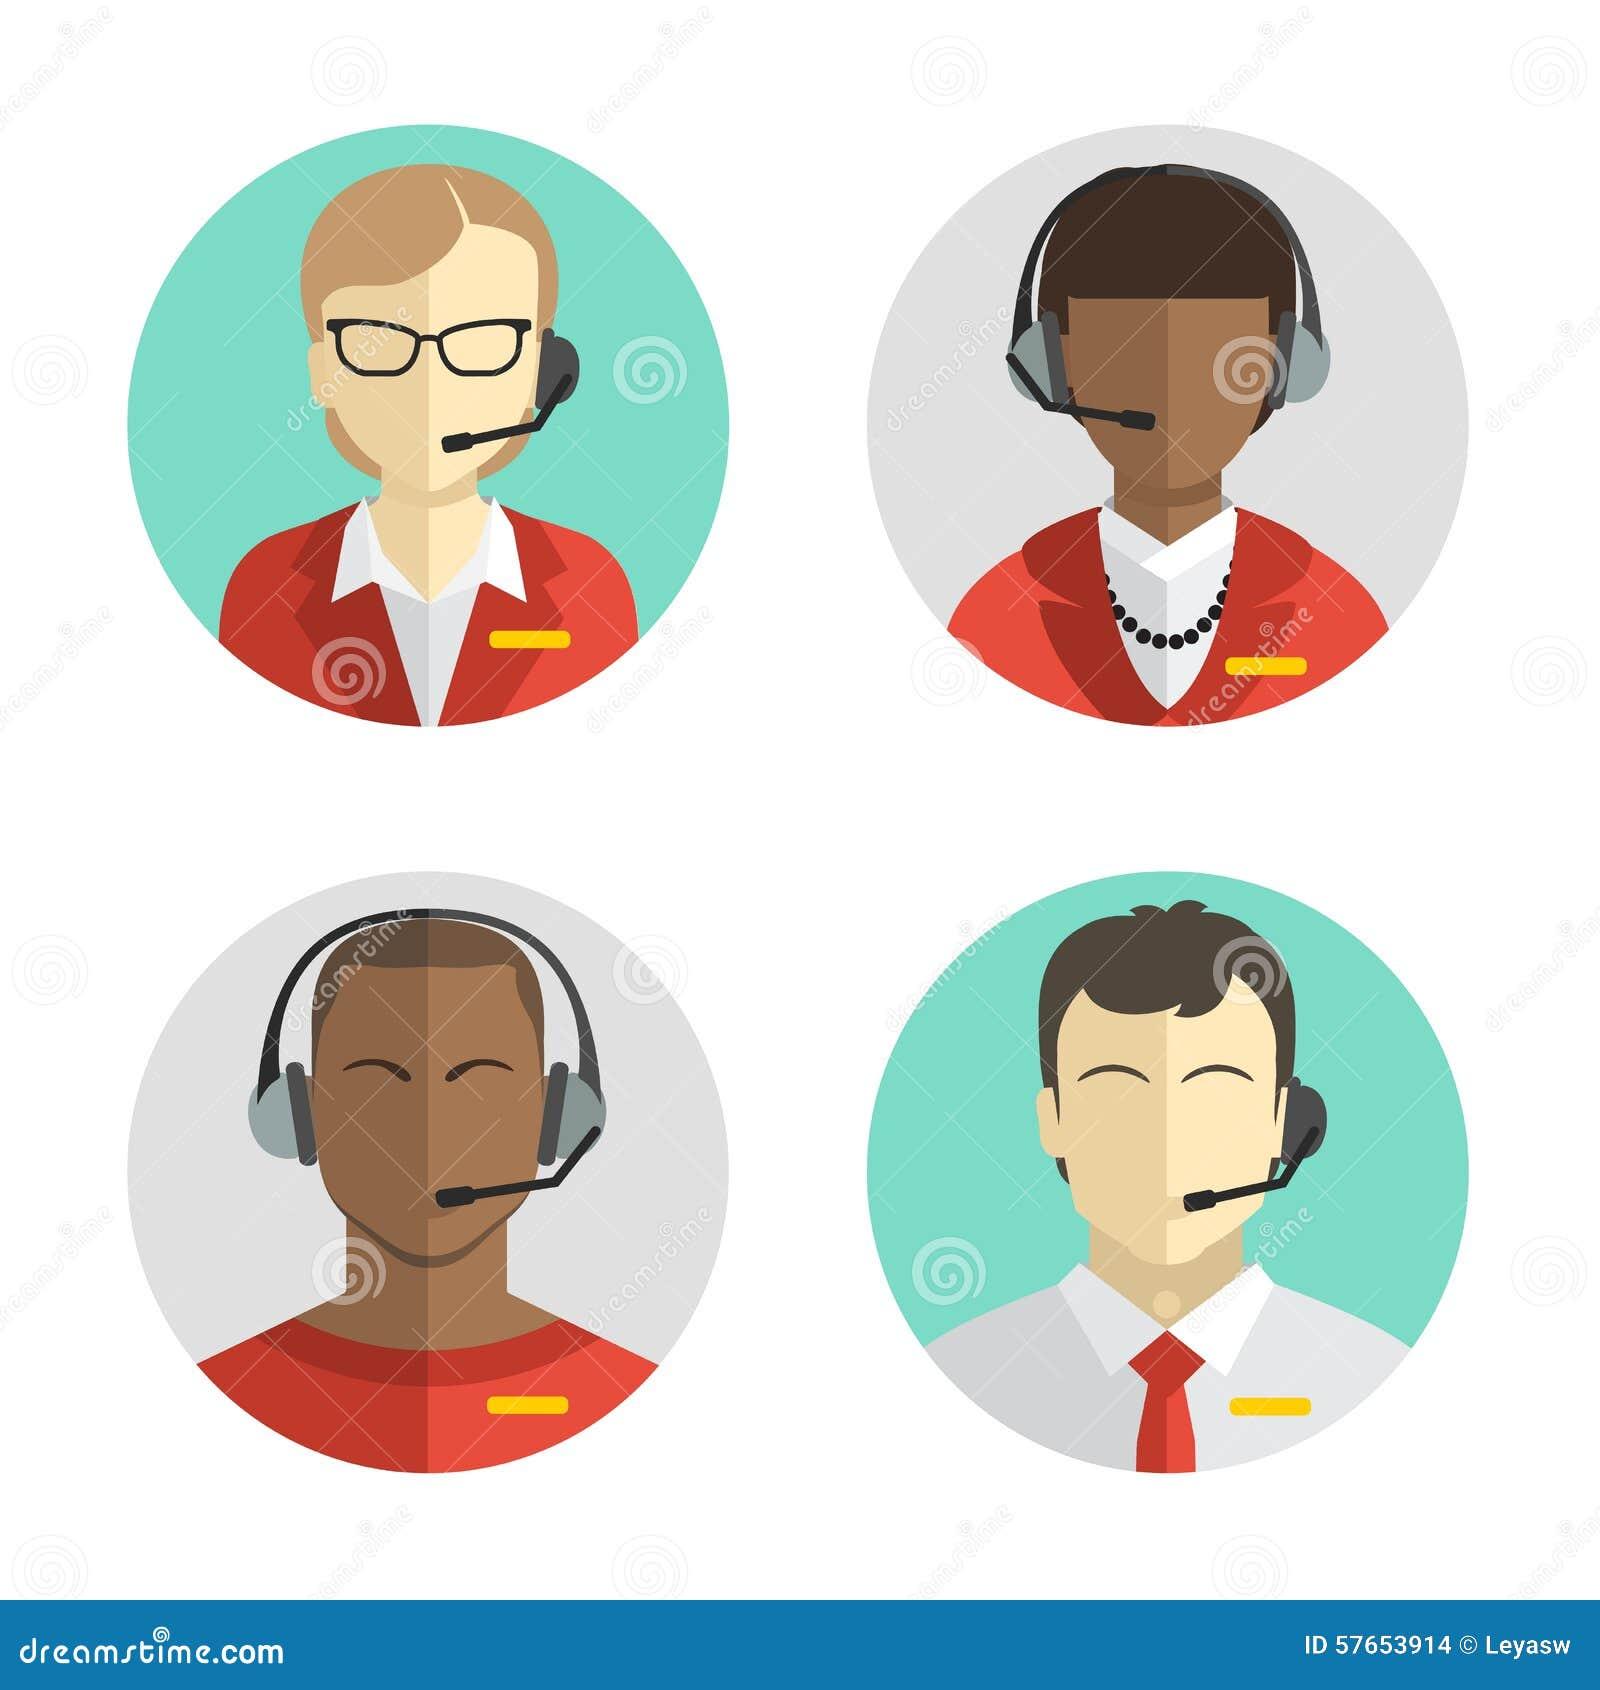 Los iconos fijaron a los avatares masculinos y femeninos del centro de atención telefónica en un estilo plano con auriculares, co